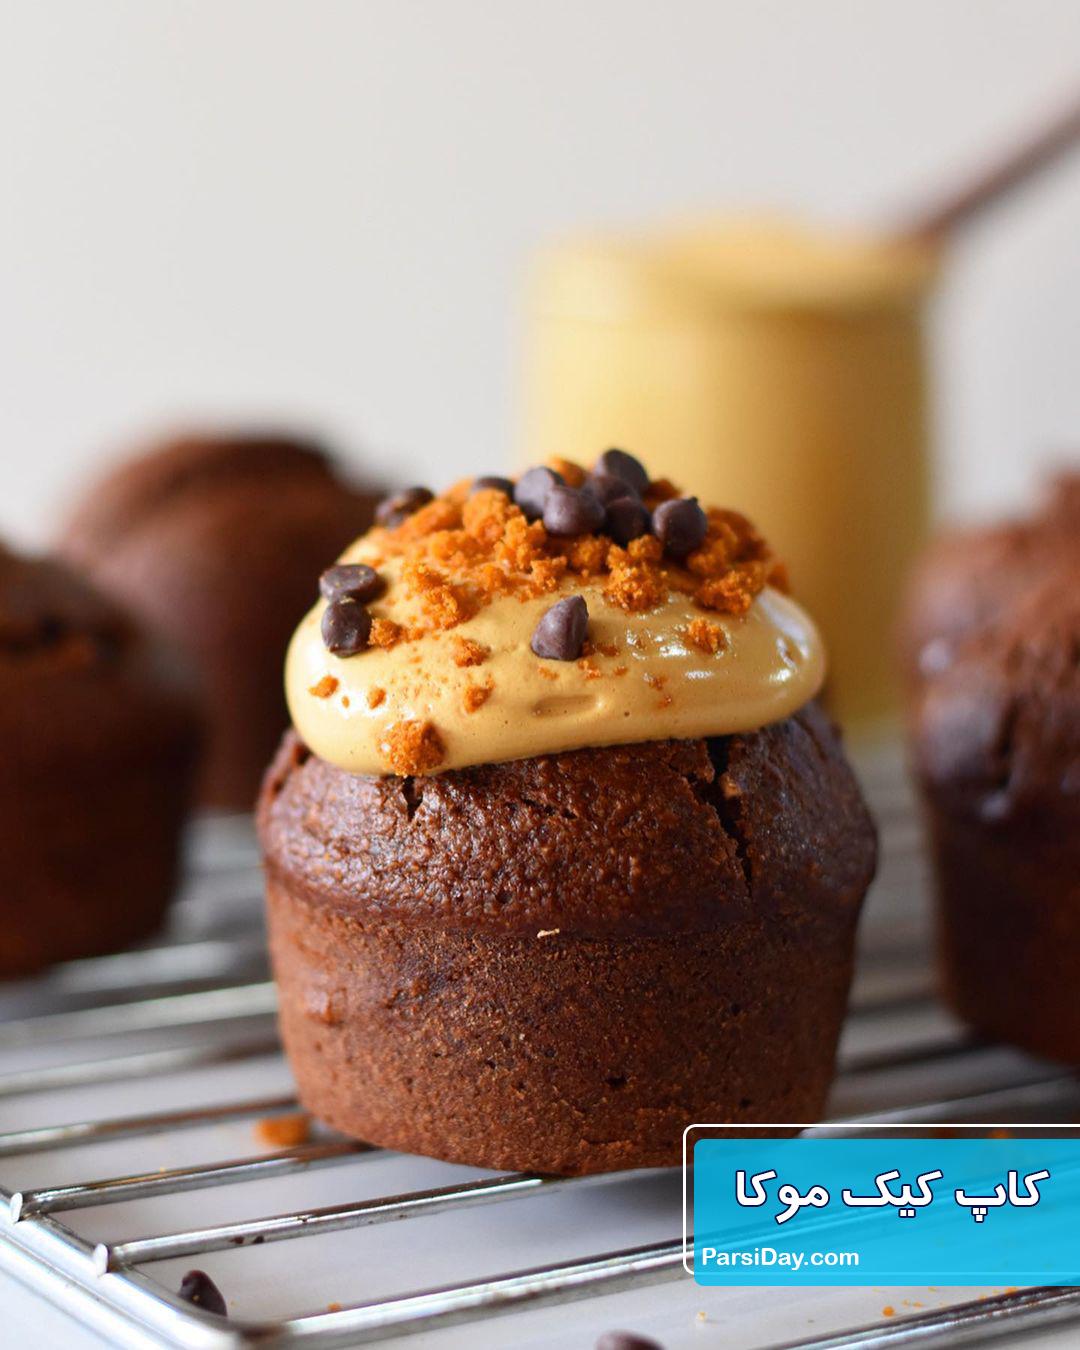 طرز تهیه کاپ کیک موکا